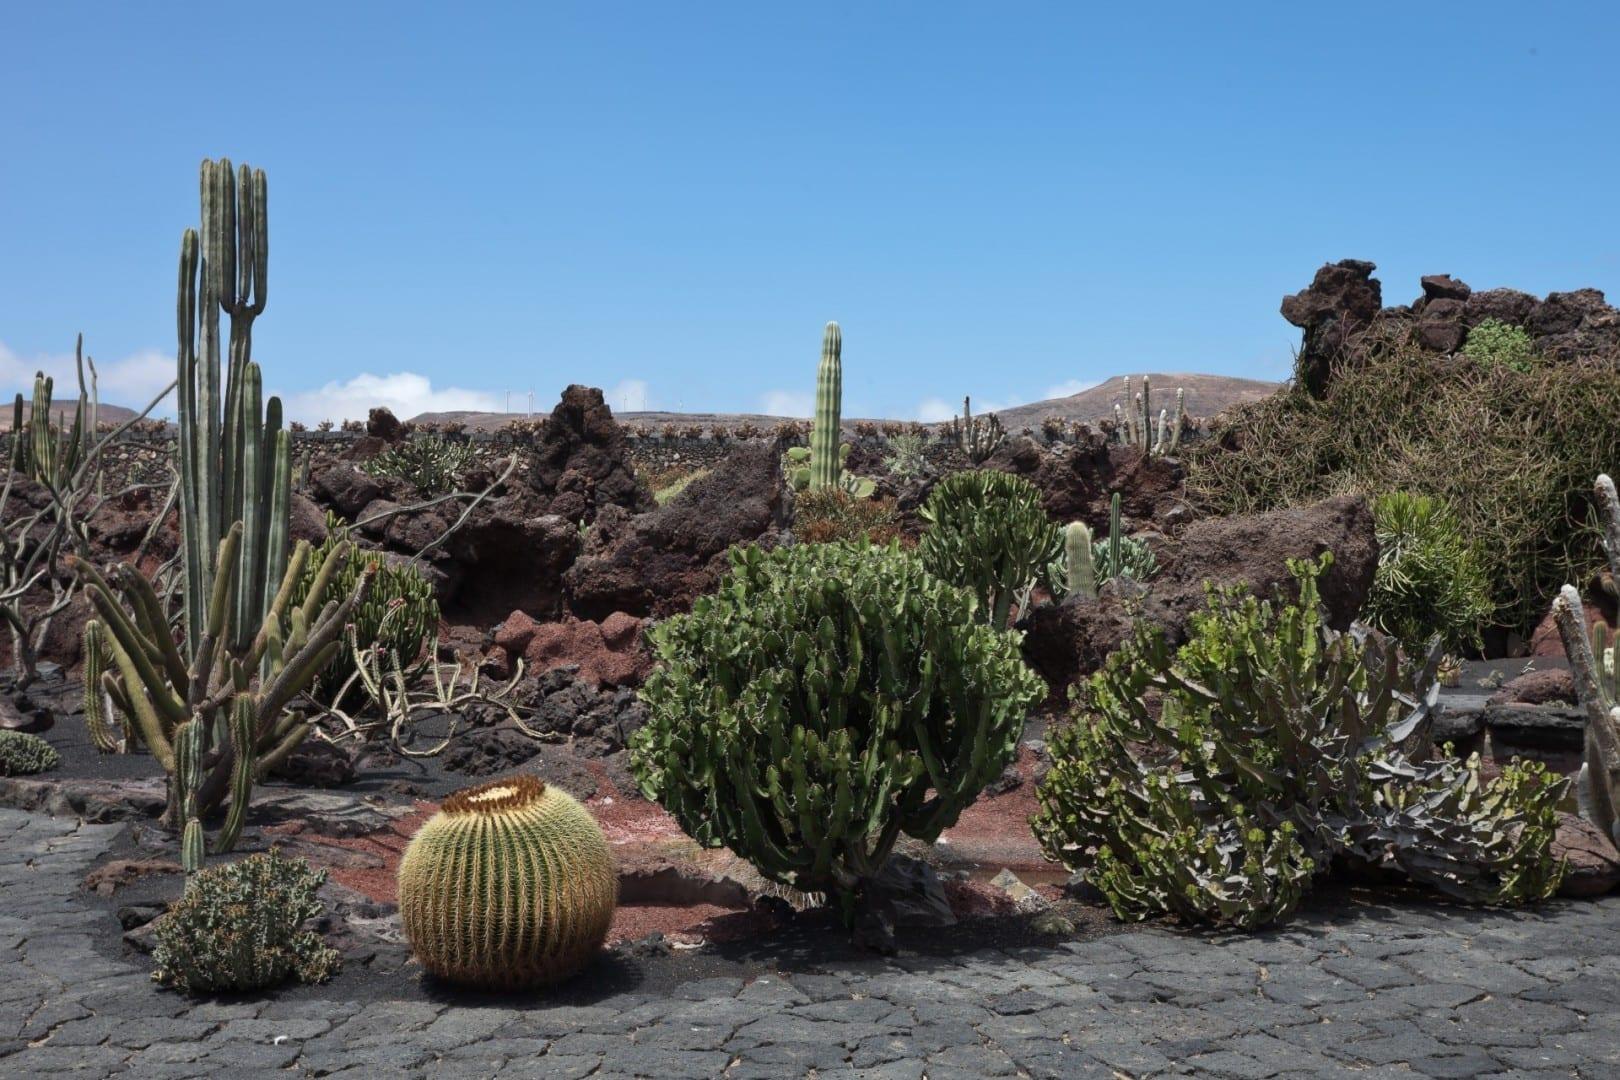 Algunas de las plantas que crecen fácilmente en Lanzarote, en el Jardín de Cactus en Guatiza Lanzarote (Islas Canarias) España